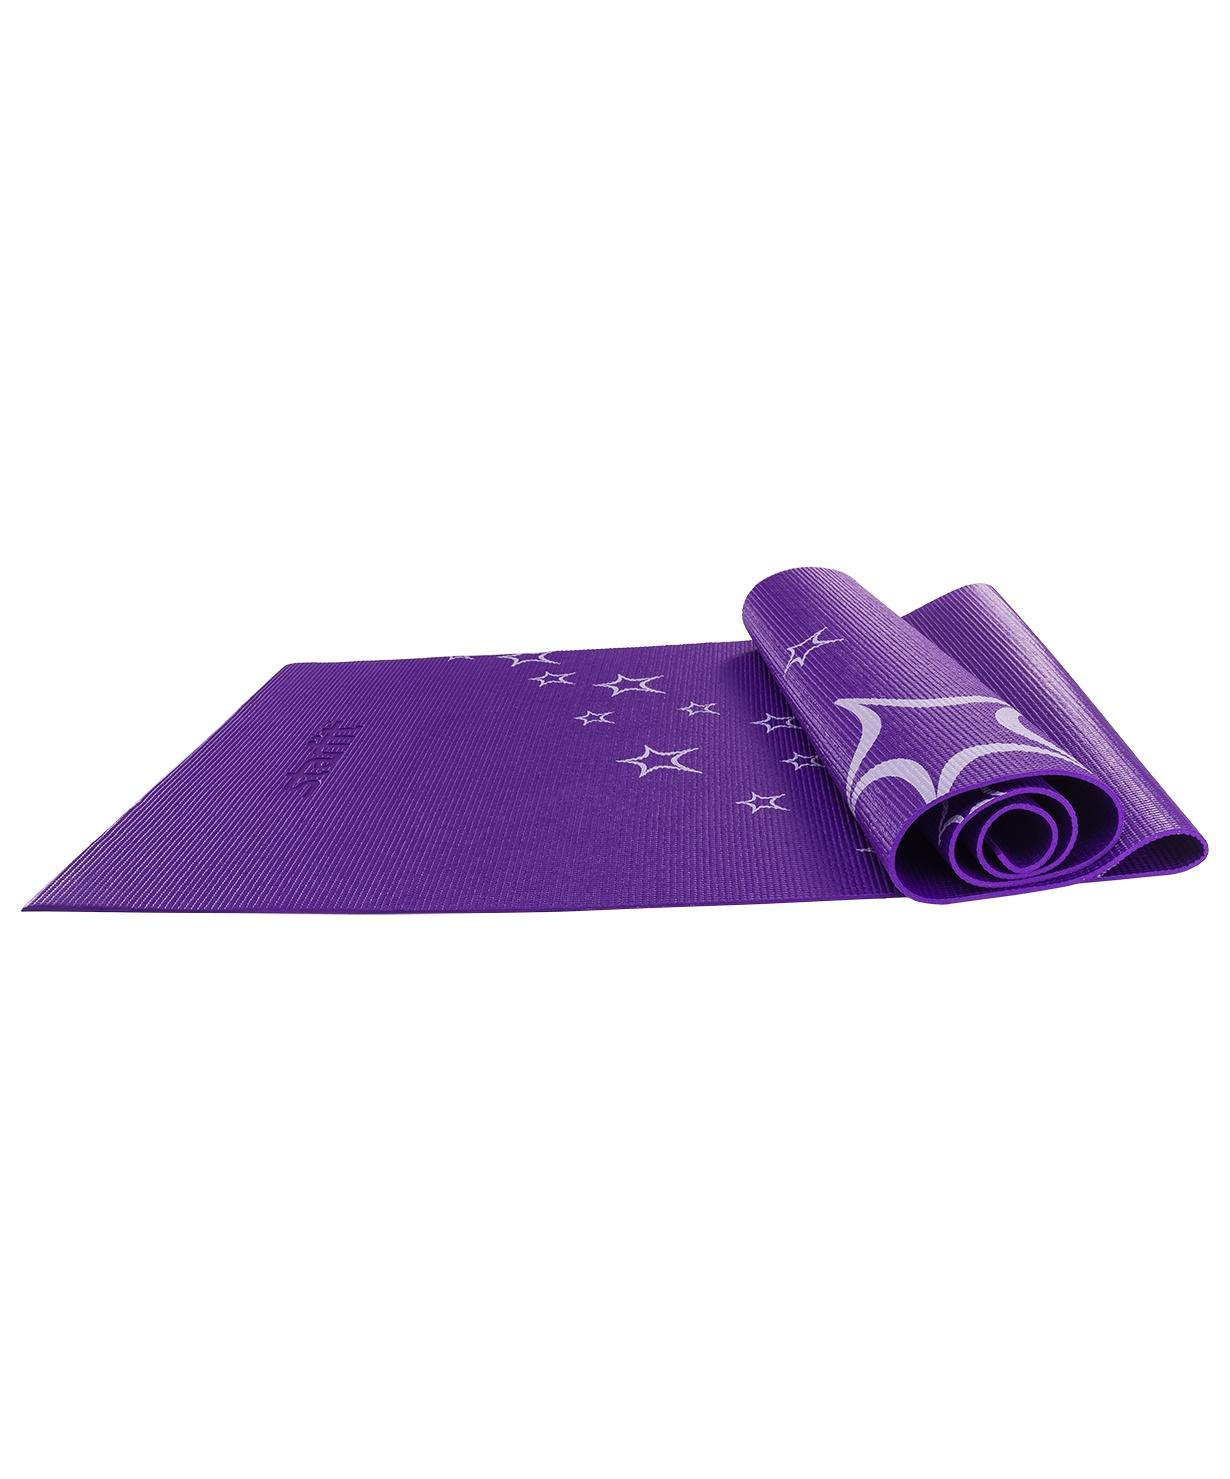 Коврик для йоги STARFIT FM-102 PVC 173x61x0,4 см, с рисунком, фиолетовый коврик для йоги и фитнеса indigo фиолетовый с рисунком 173 х 61 х 0 6 см